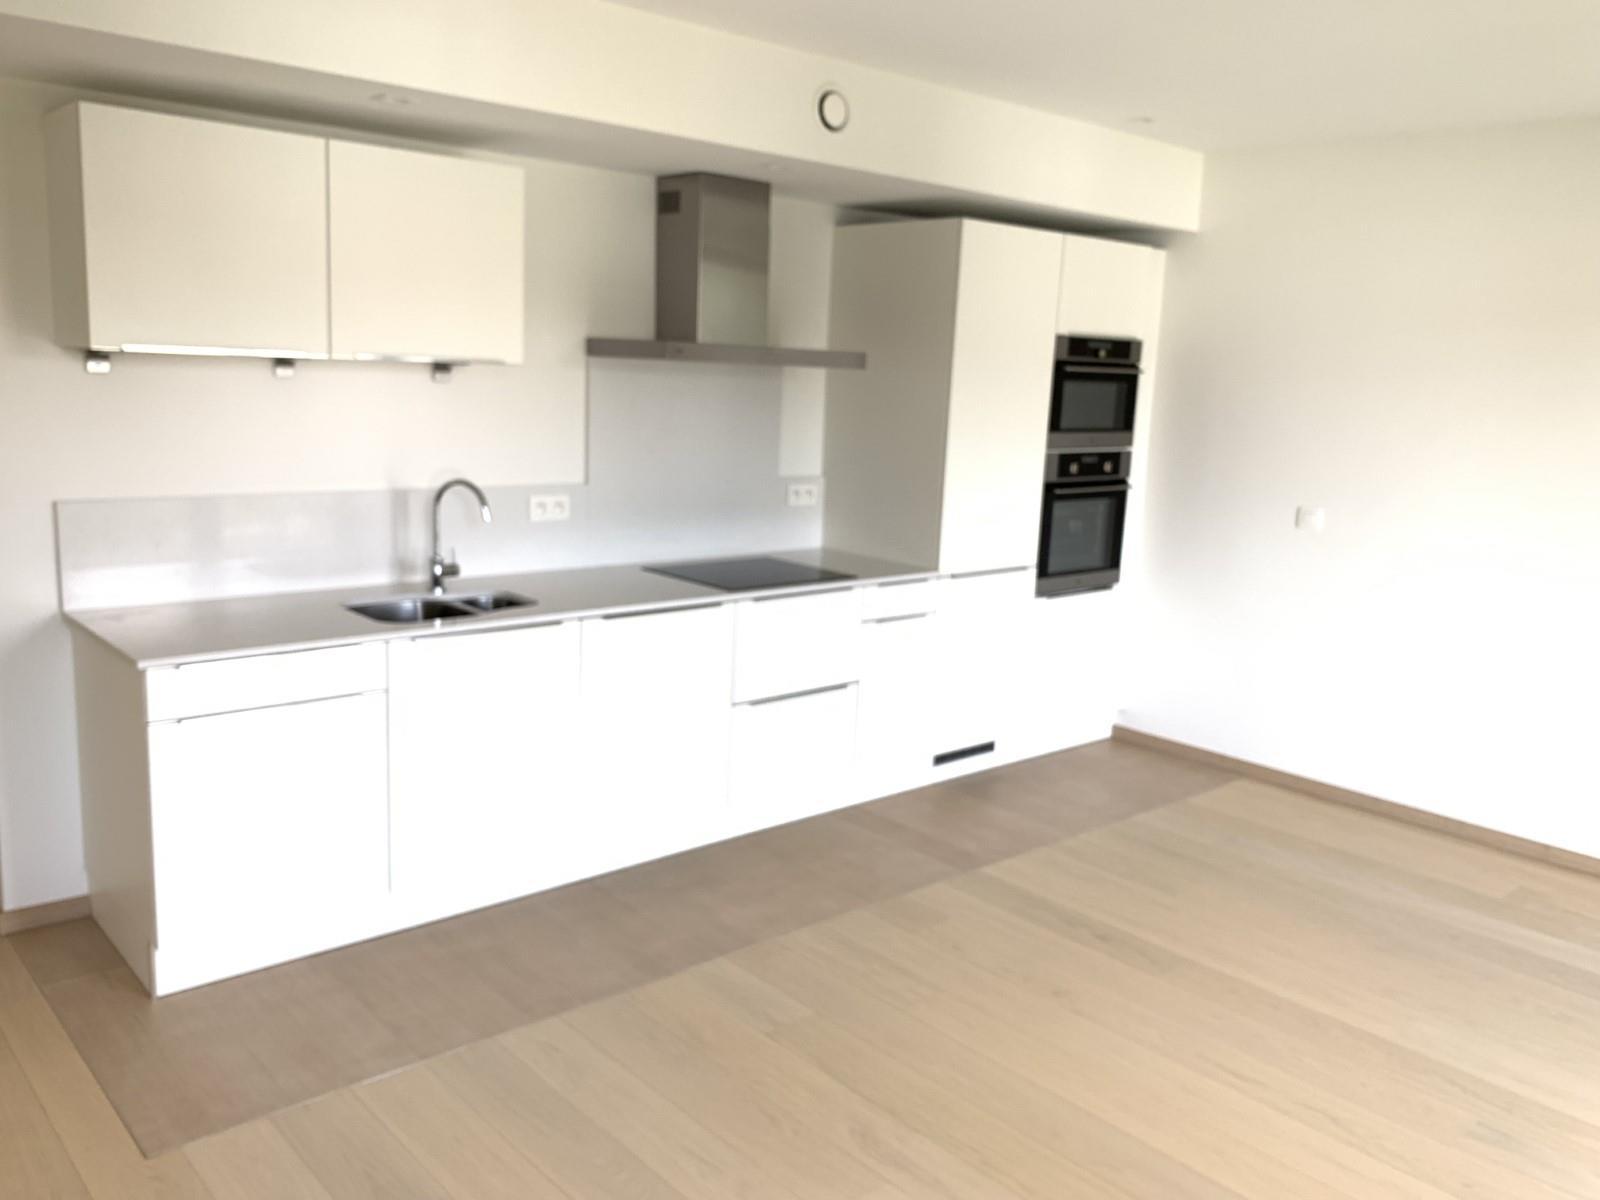 Appartement exceptionnel - Ixelles - #3929578-3